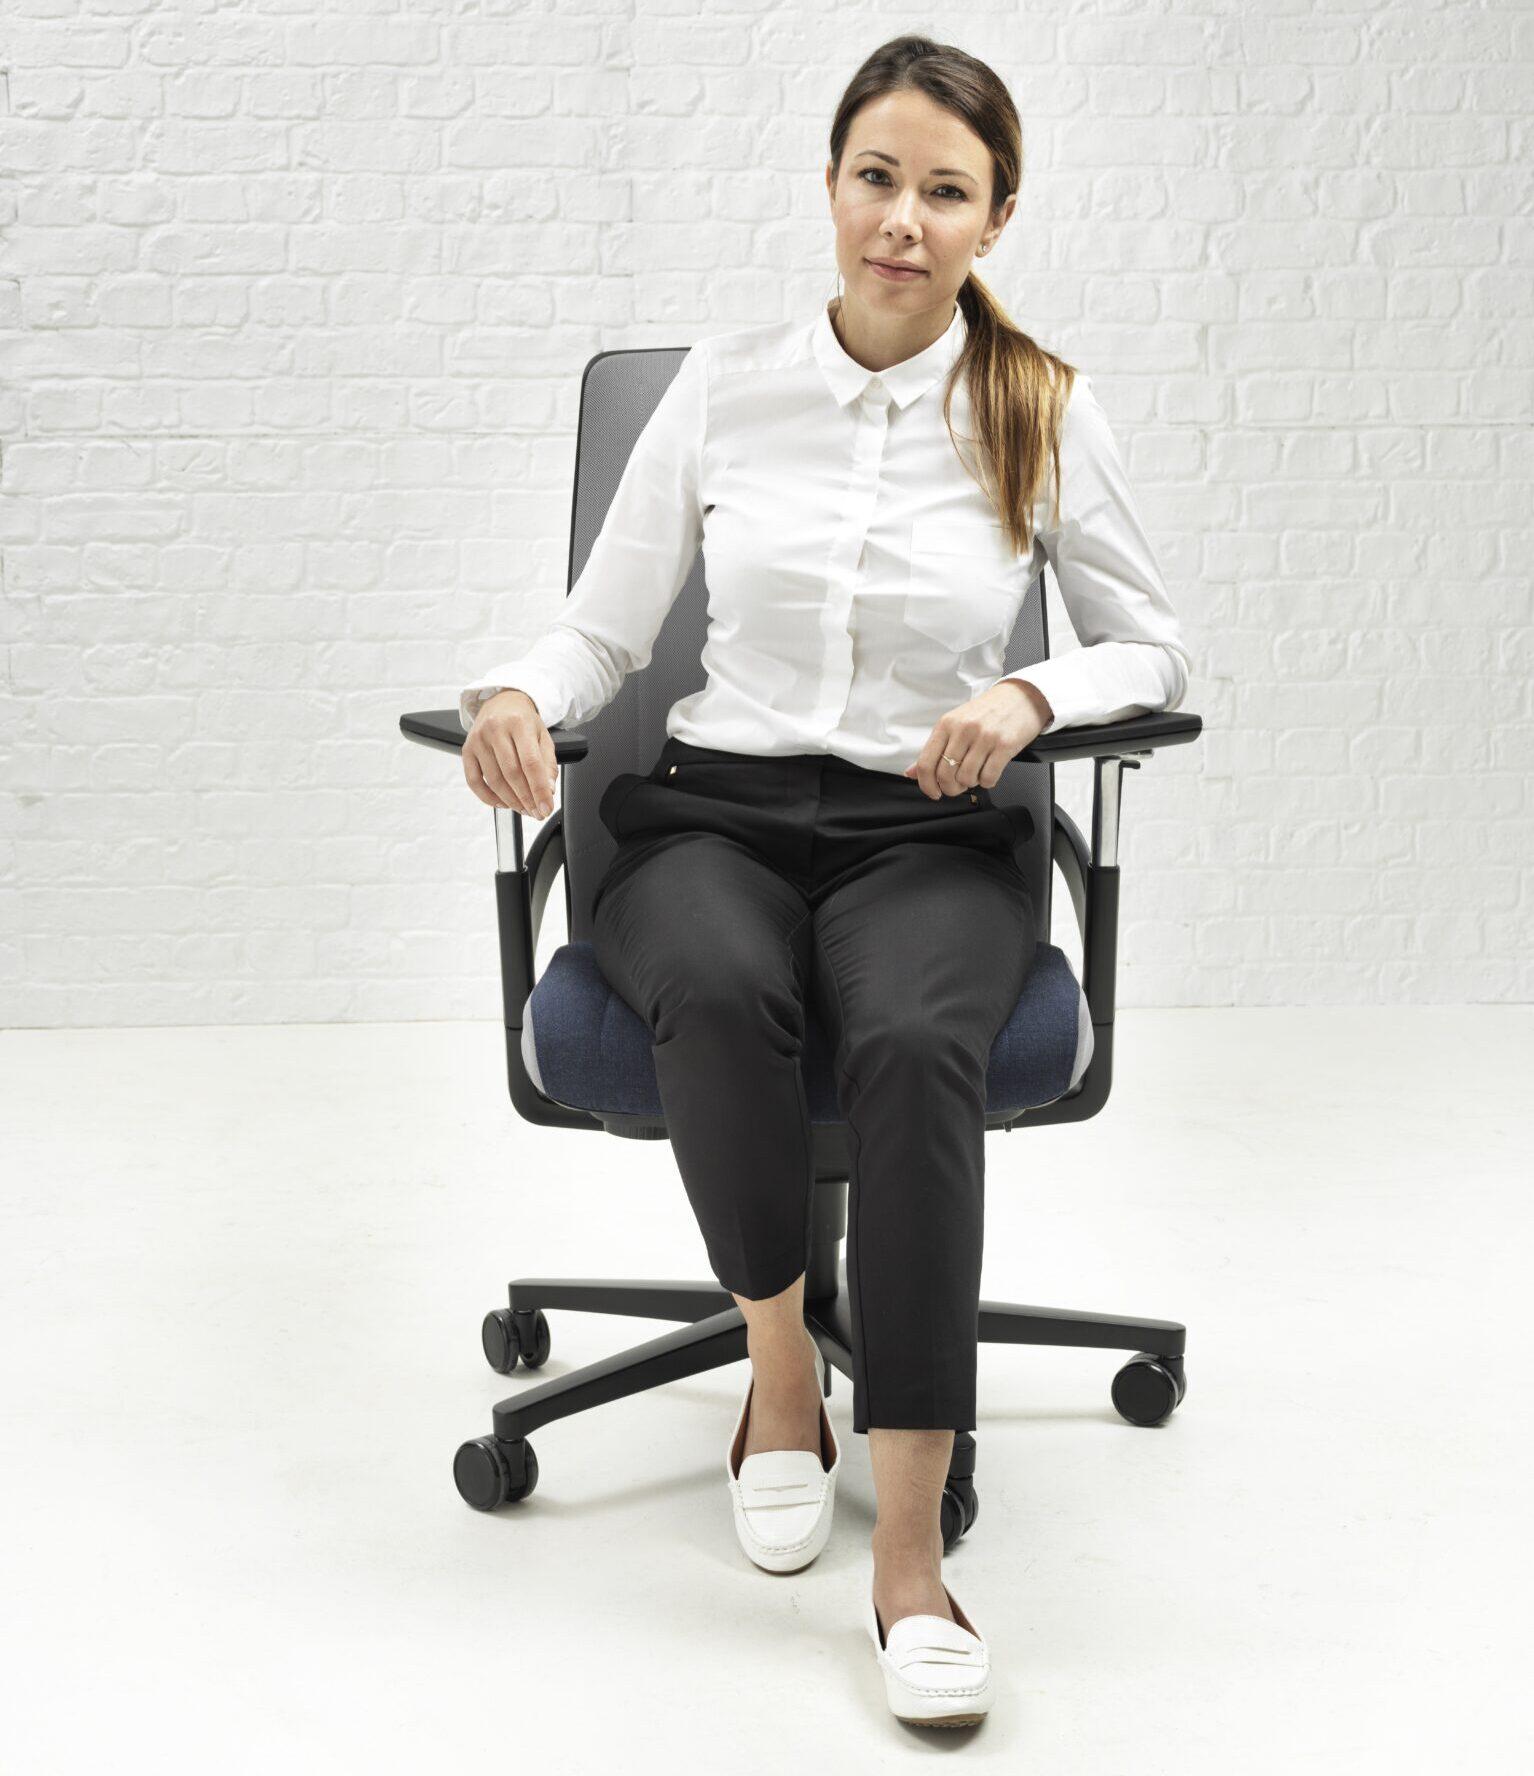 Senator I-work chair ergonomische stoel Heering Office Den Haag